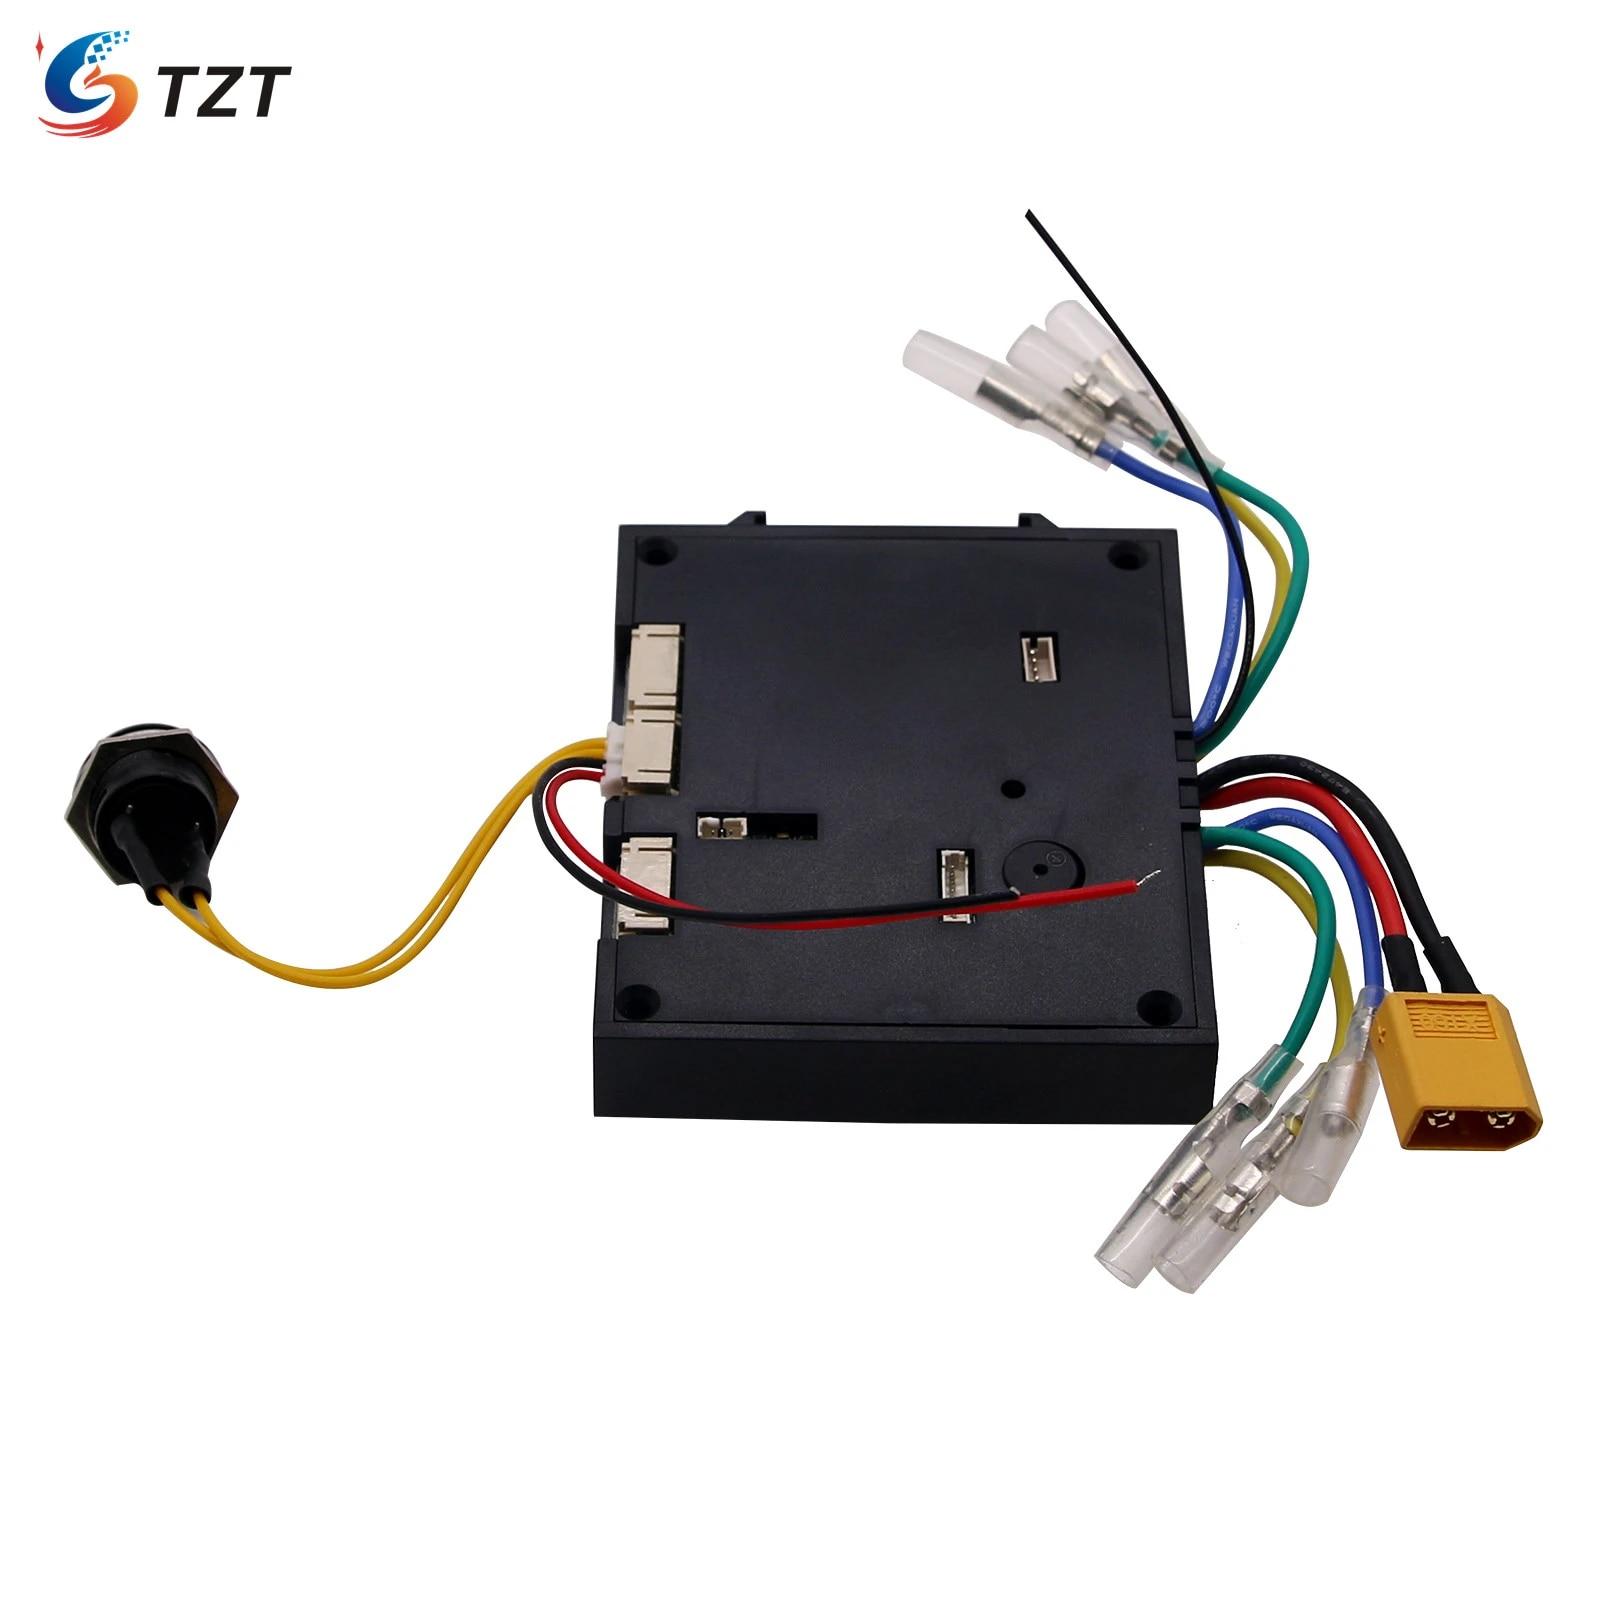 Elektrischer Skateboard Controller ESC Ersatz Hauptplatine Mainboard mit Fernbed